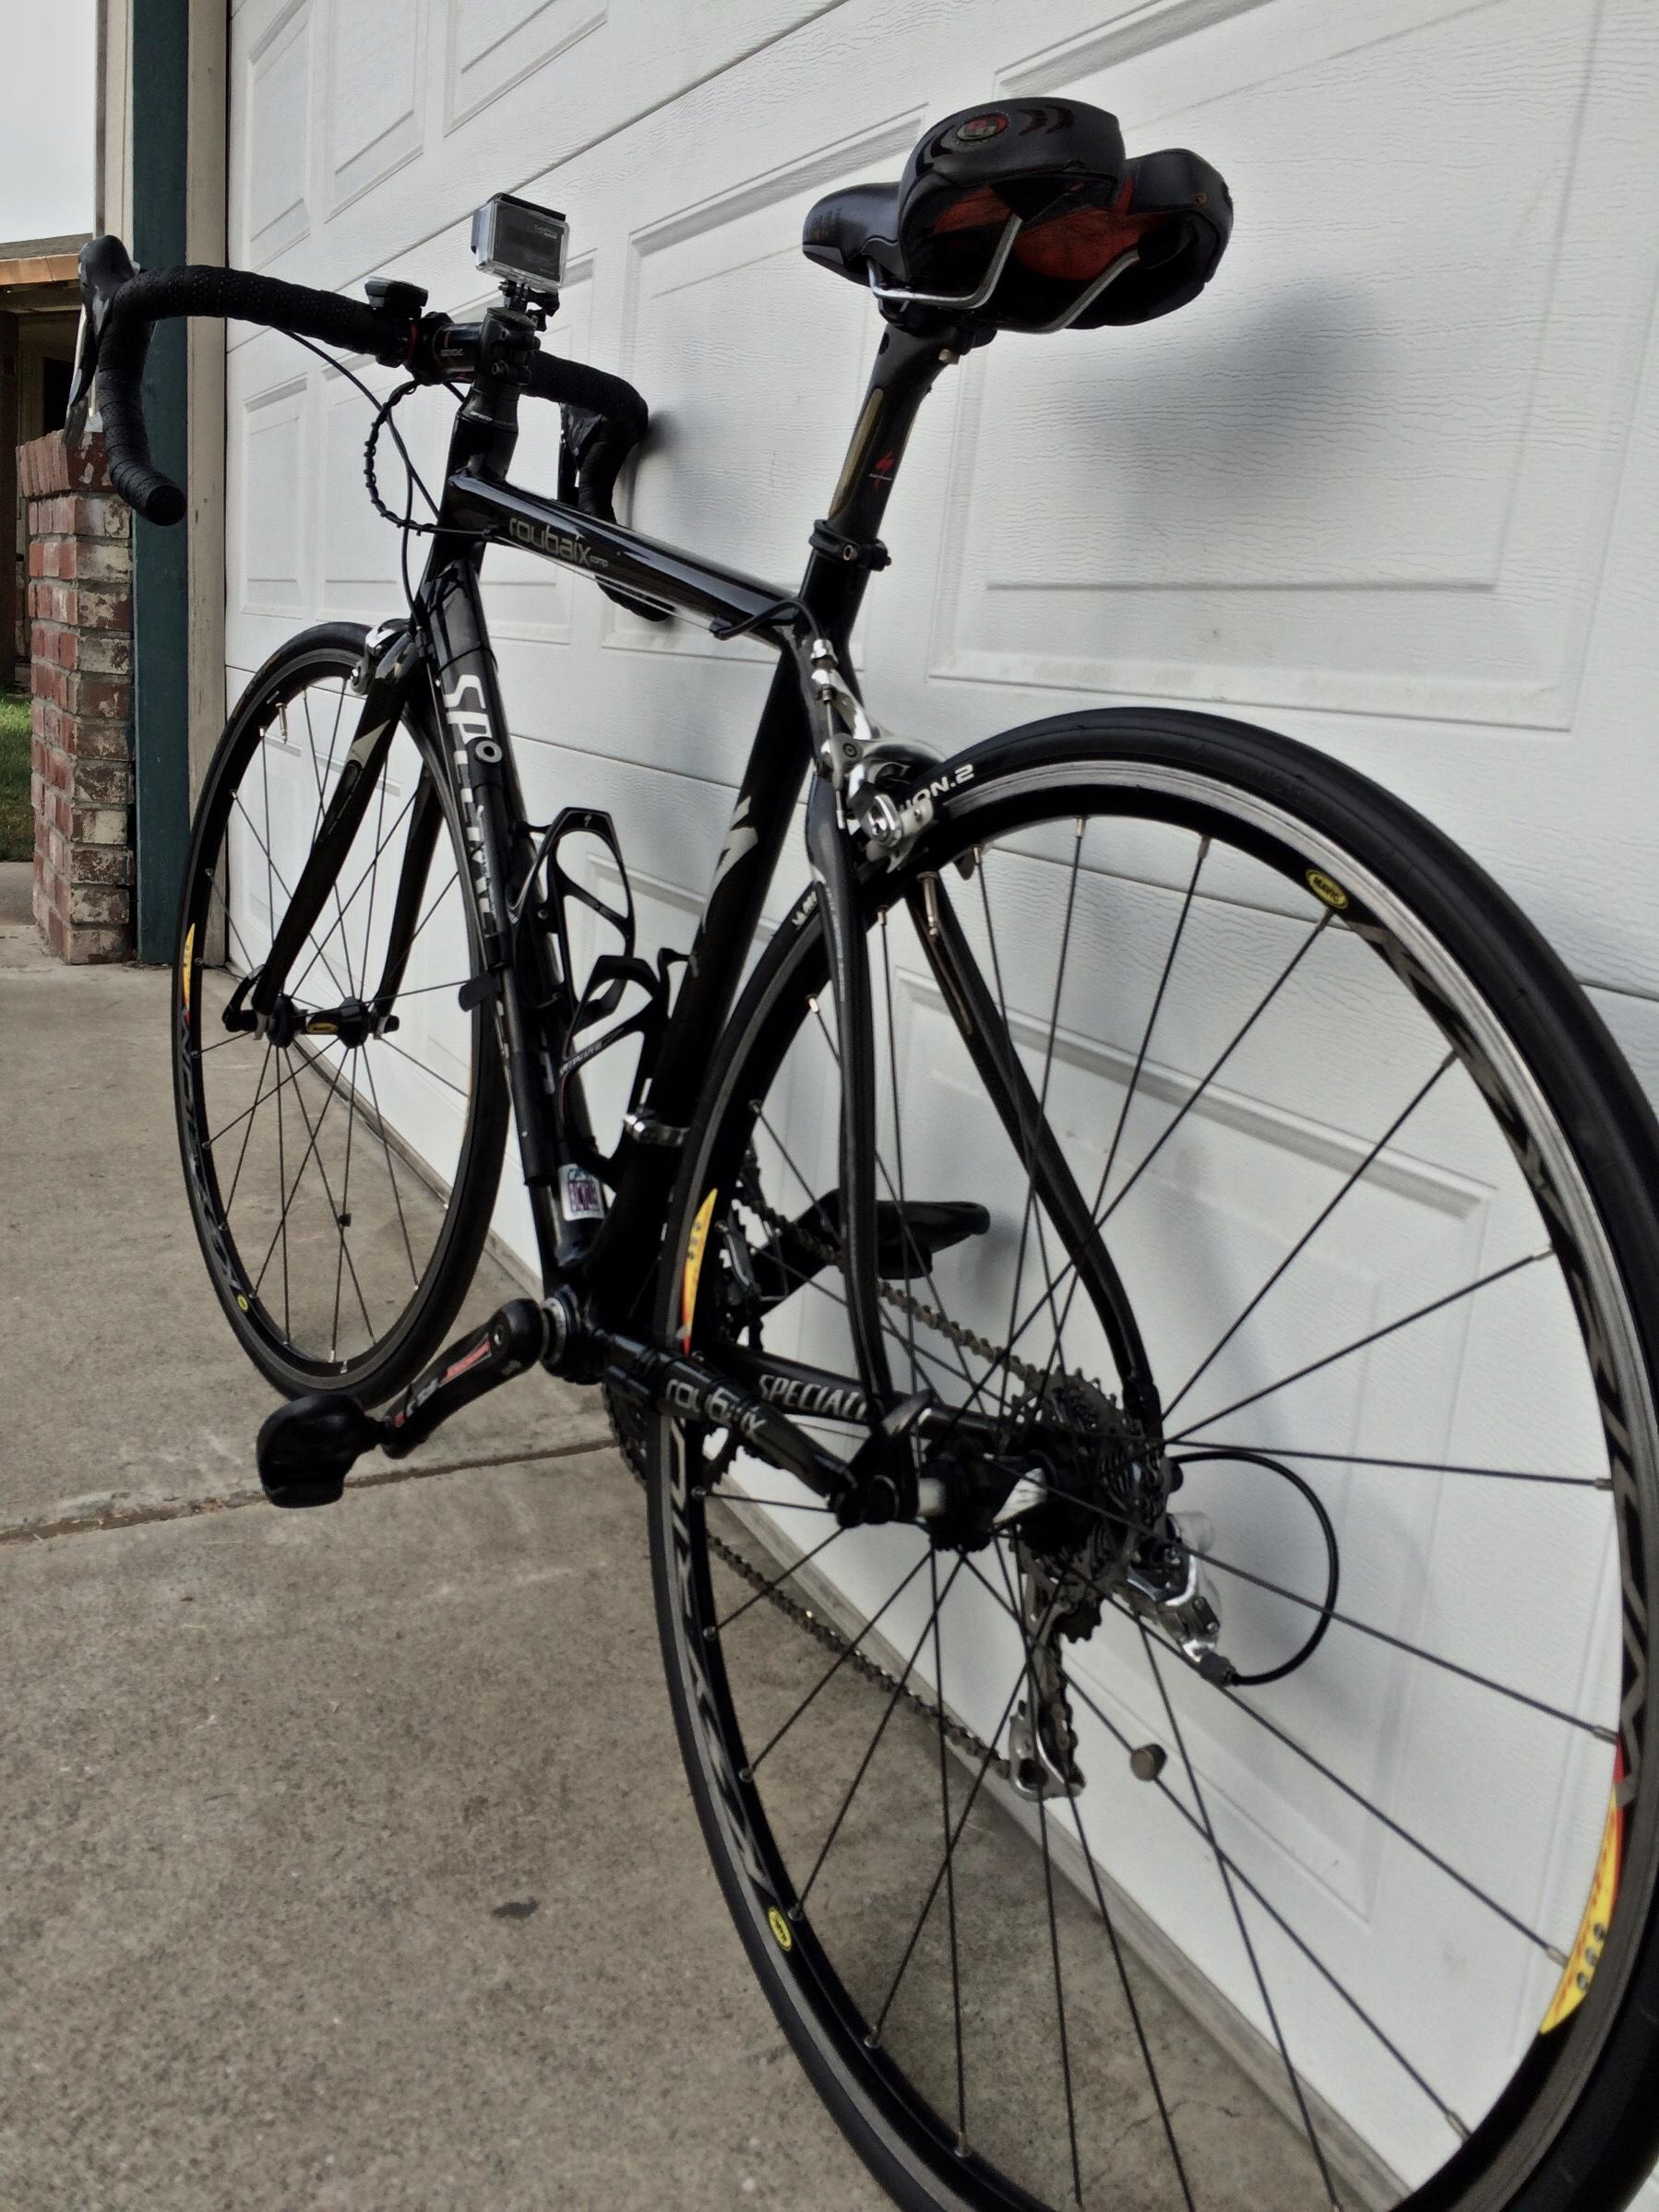 My 2004 Specialized Roubaix